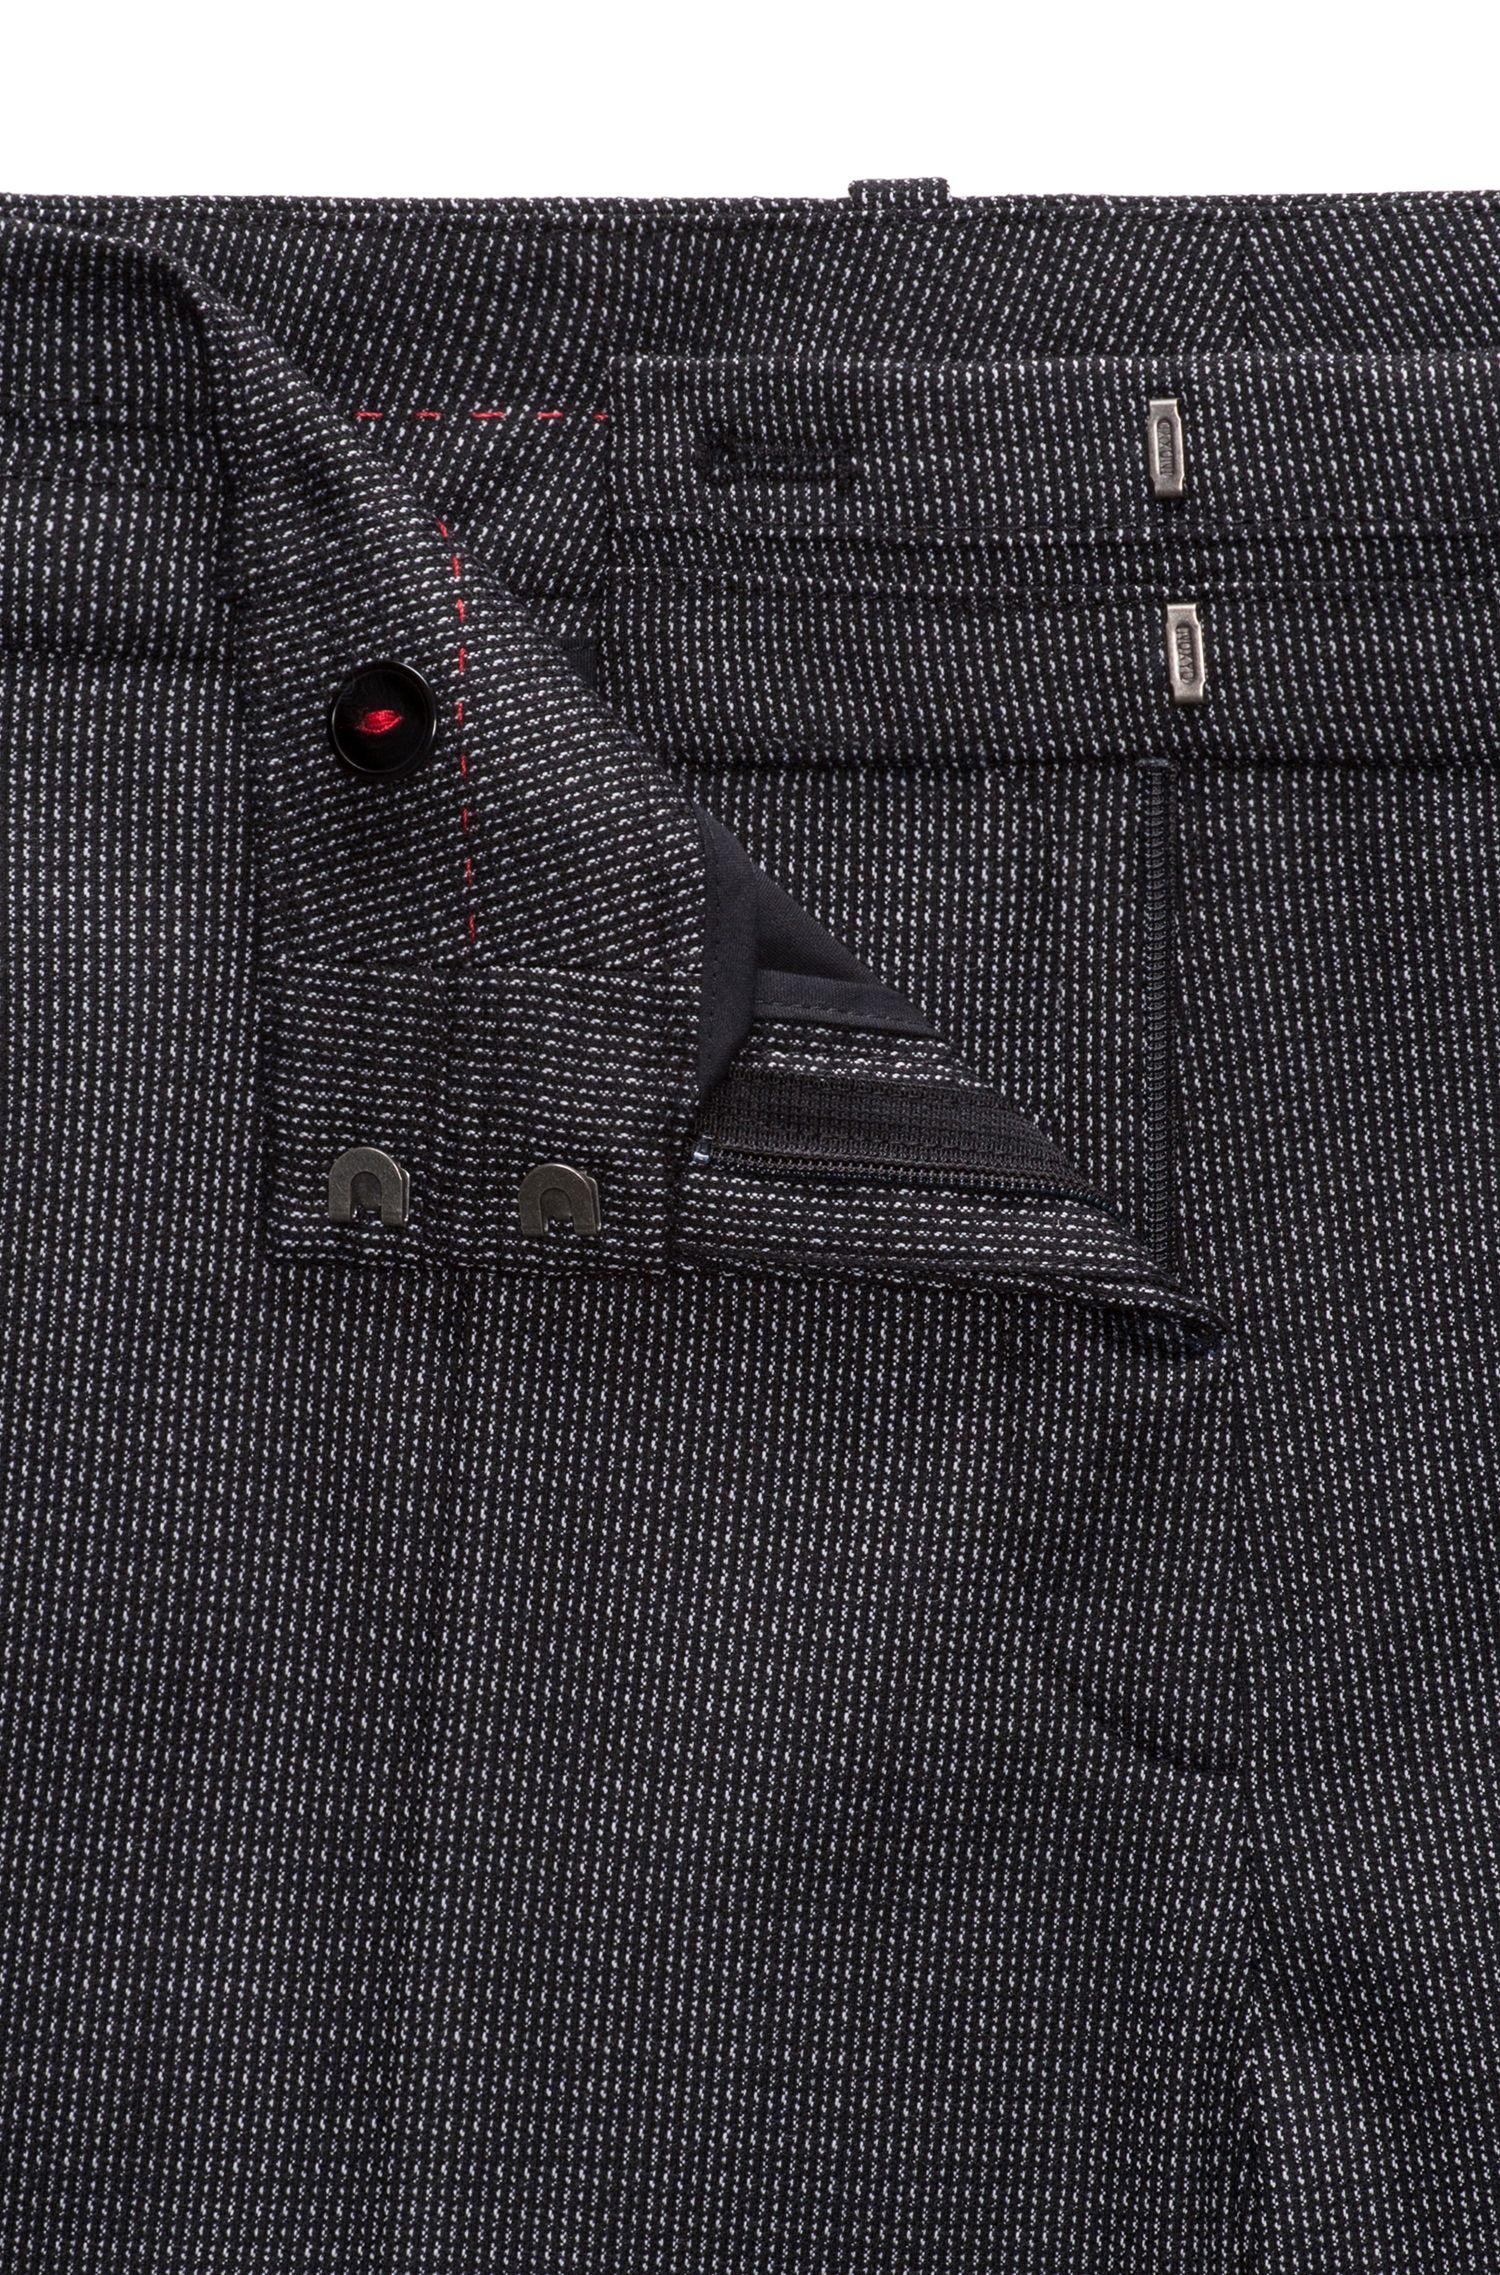 Pantalon de tailleur Regular Fit en laine stretch structurée